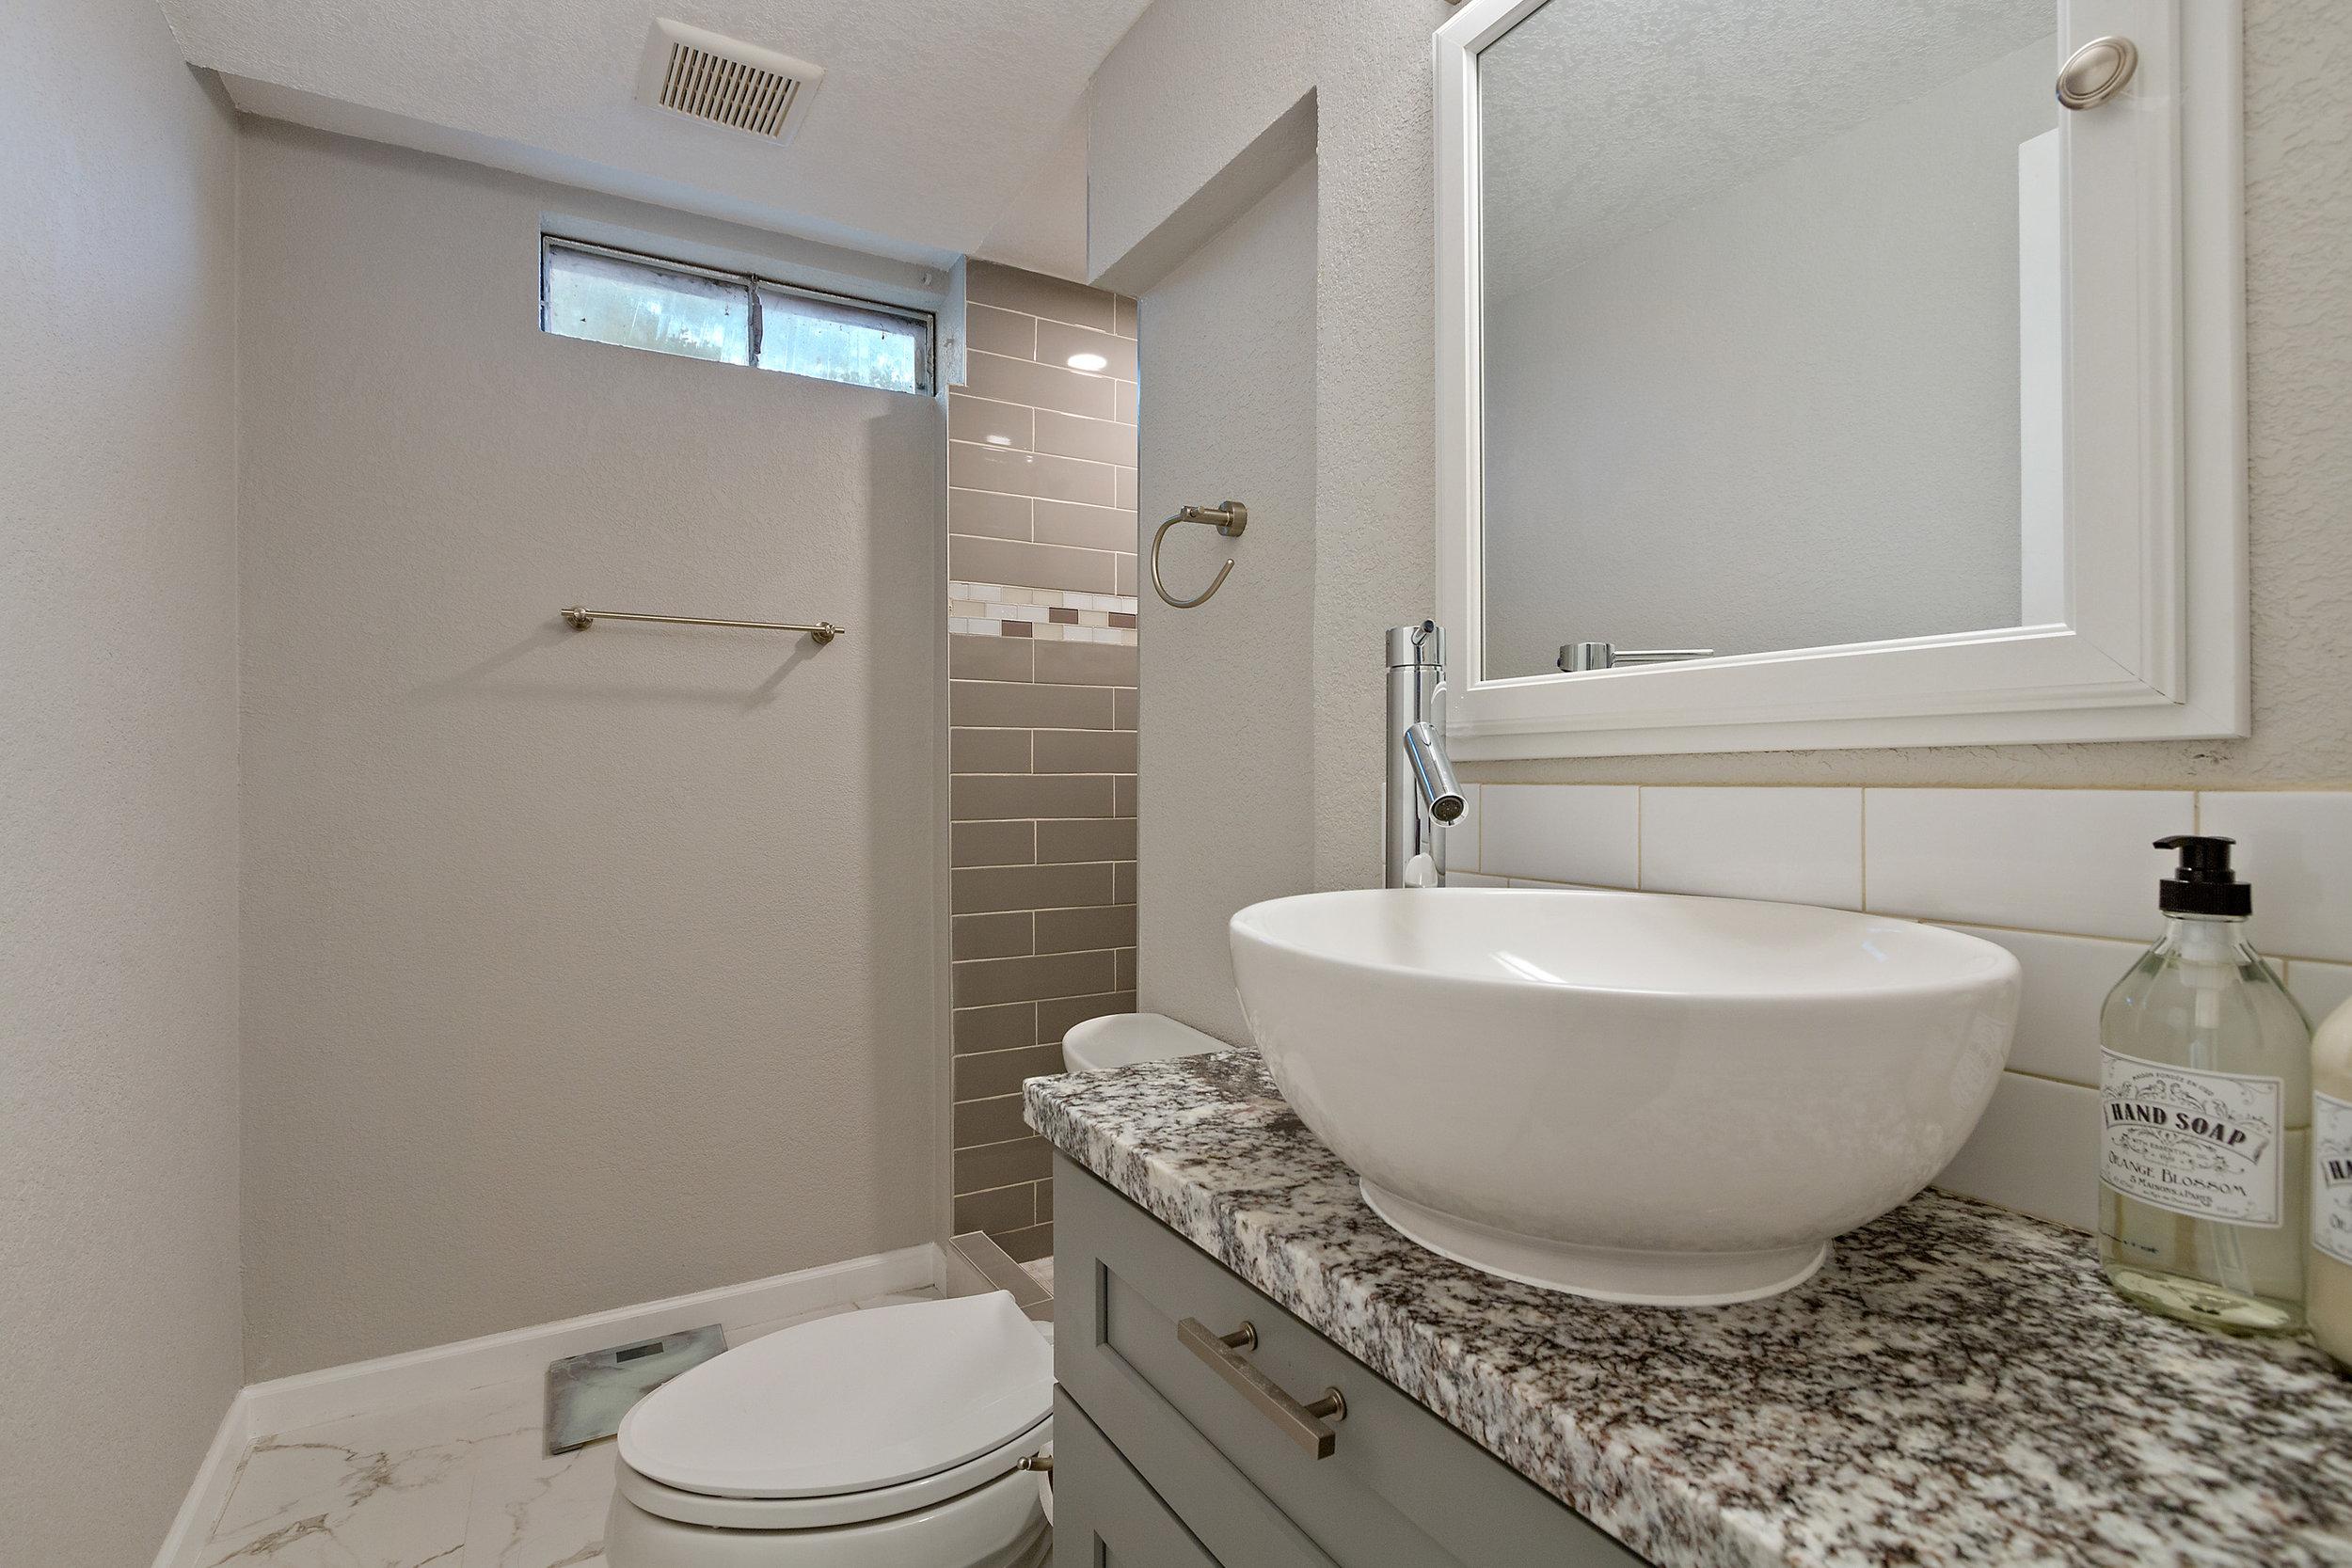 14-Lower Bathroom.jpg